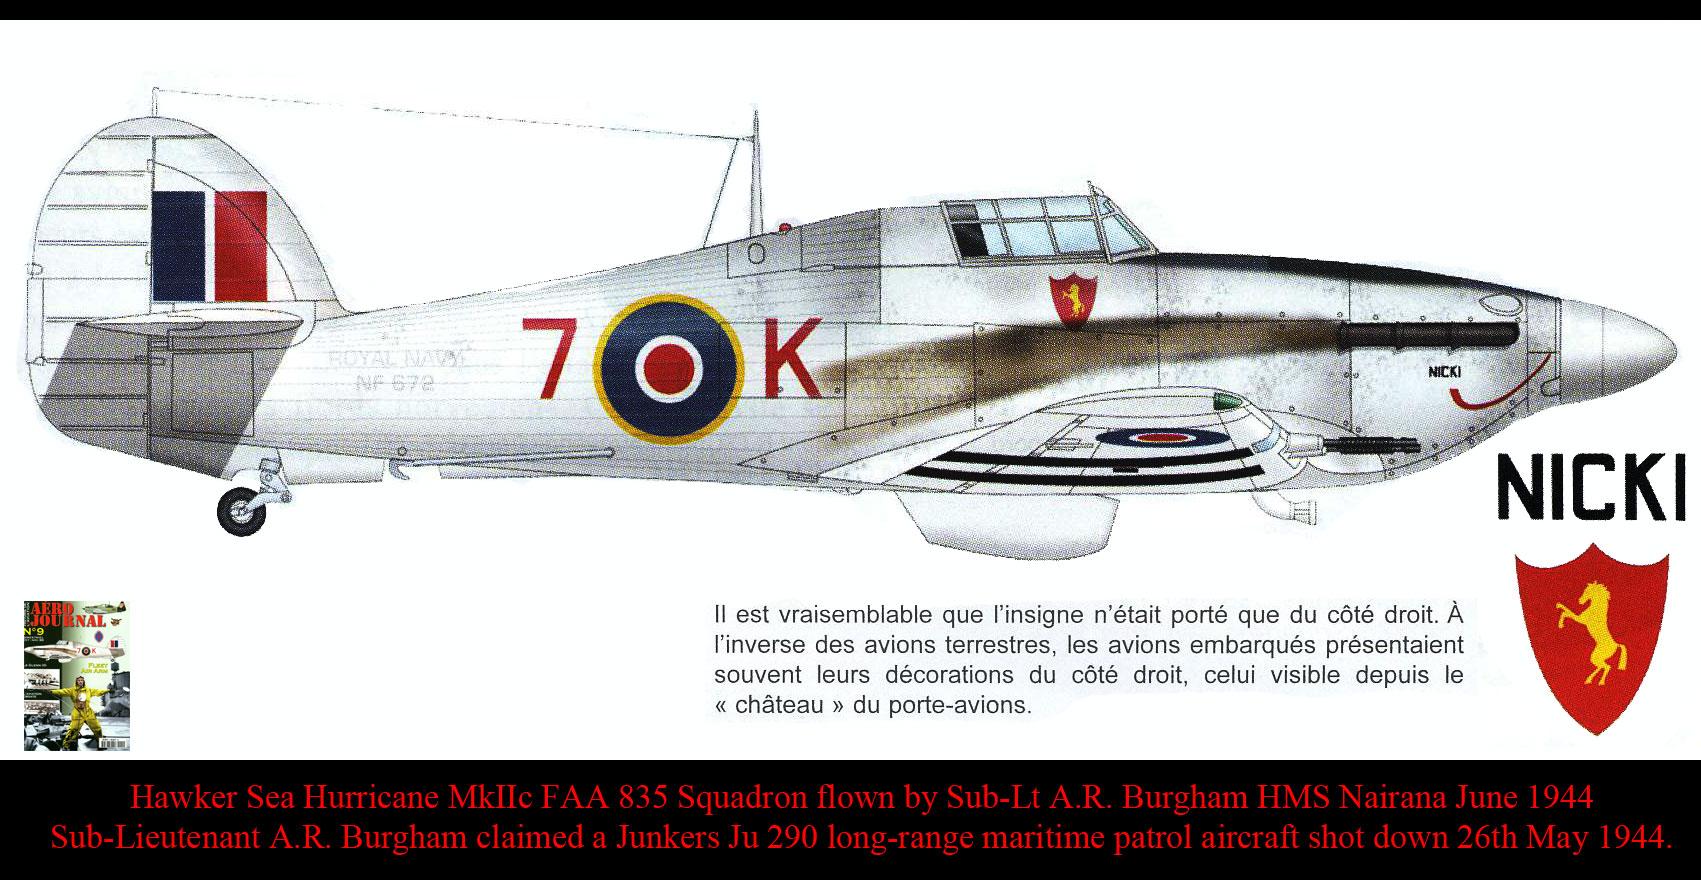 Hawker Sea Hurricane IIc FAA 835 Squadron Sub Lt A.R. Burgham HMS Nairana June 1944 0A